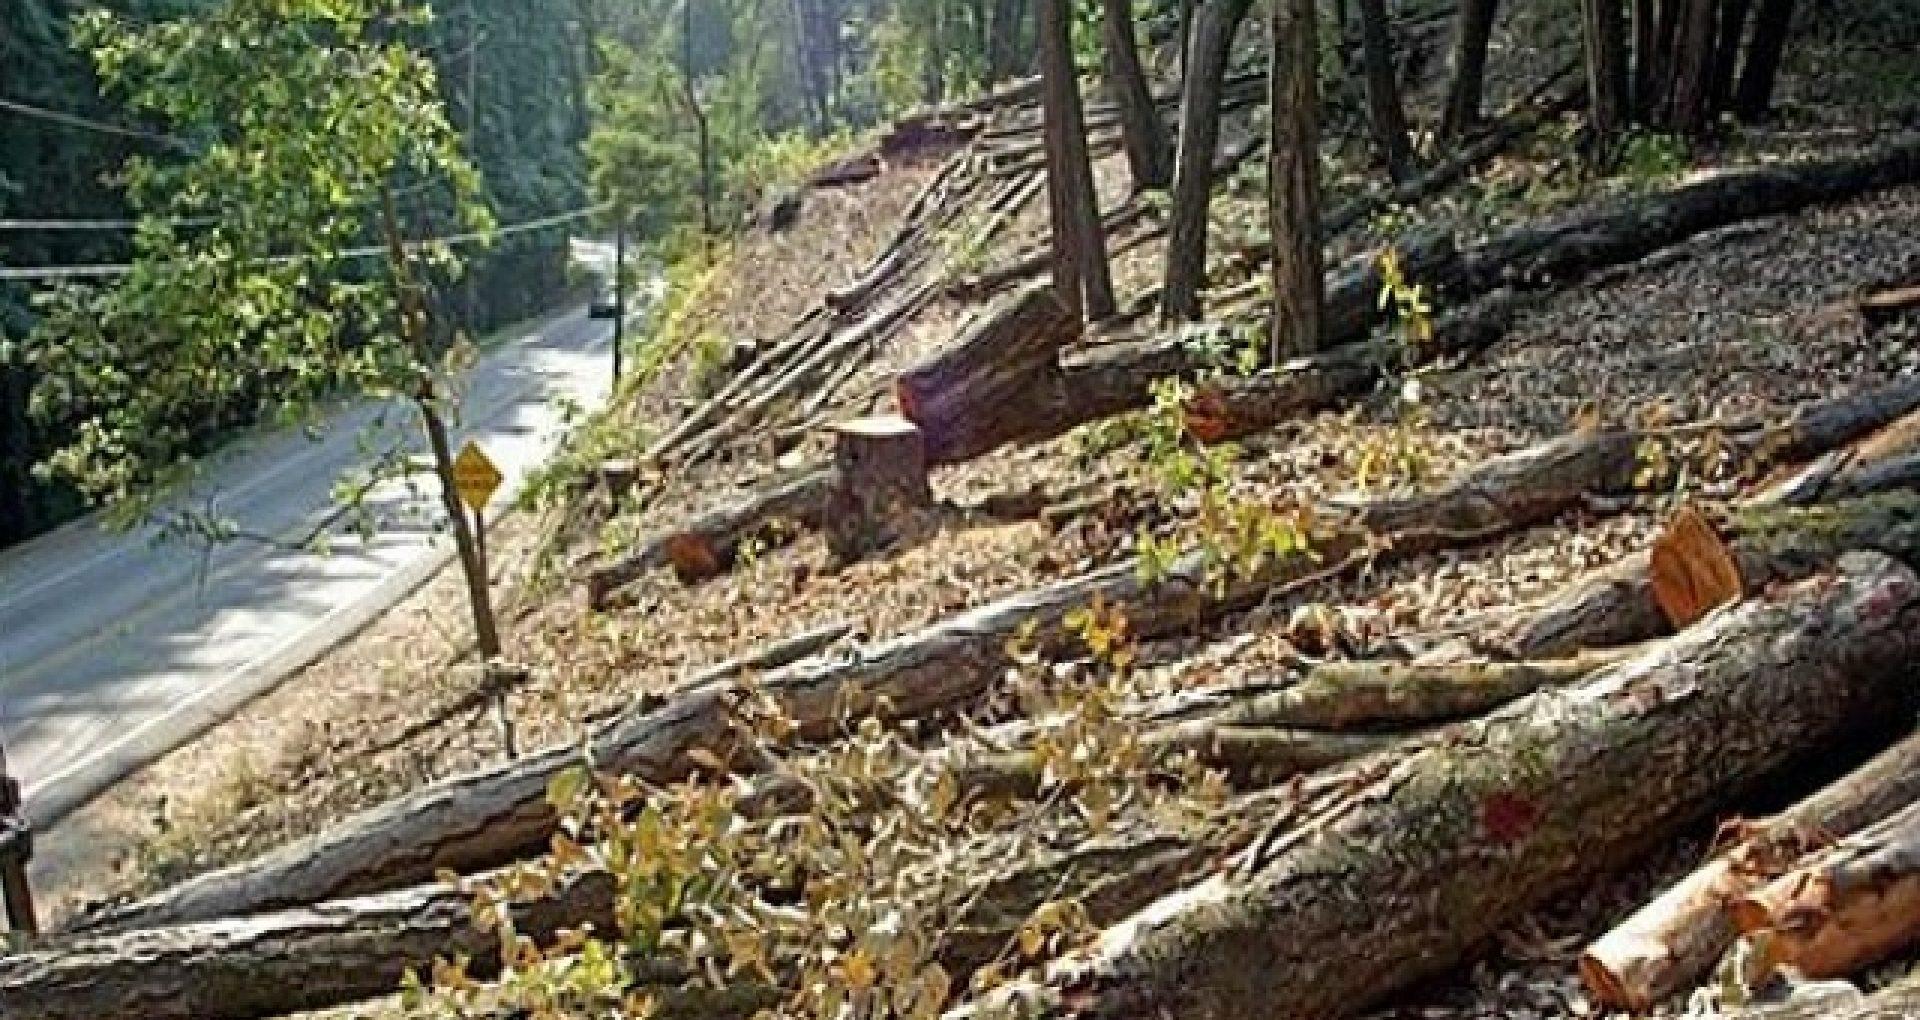 Jurnaliștii și alte persoane nu ar mai avea dreptul să filmeze tăierea copacilor din păduri în absența silvicultorilor. Explicațiile agenției Moldsilva